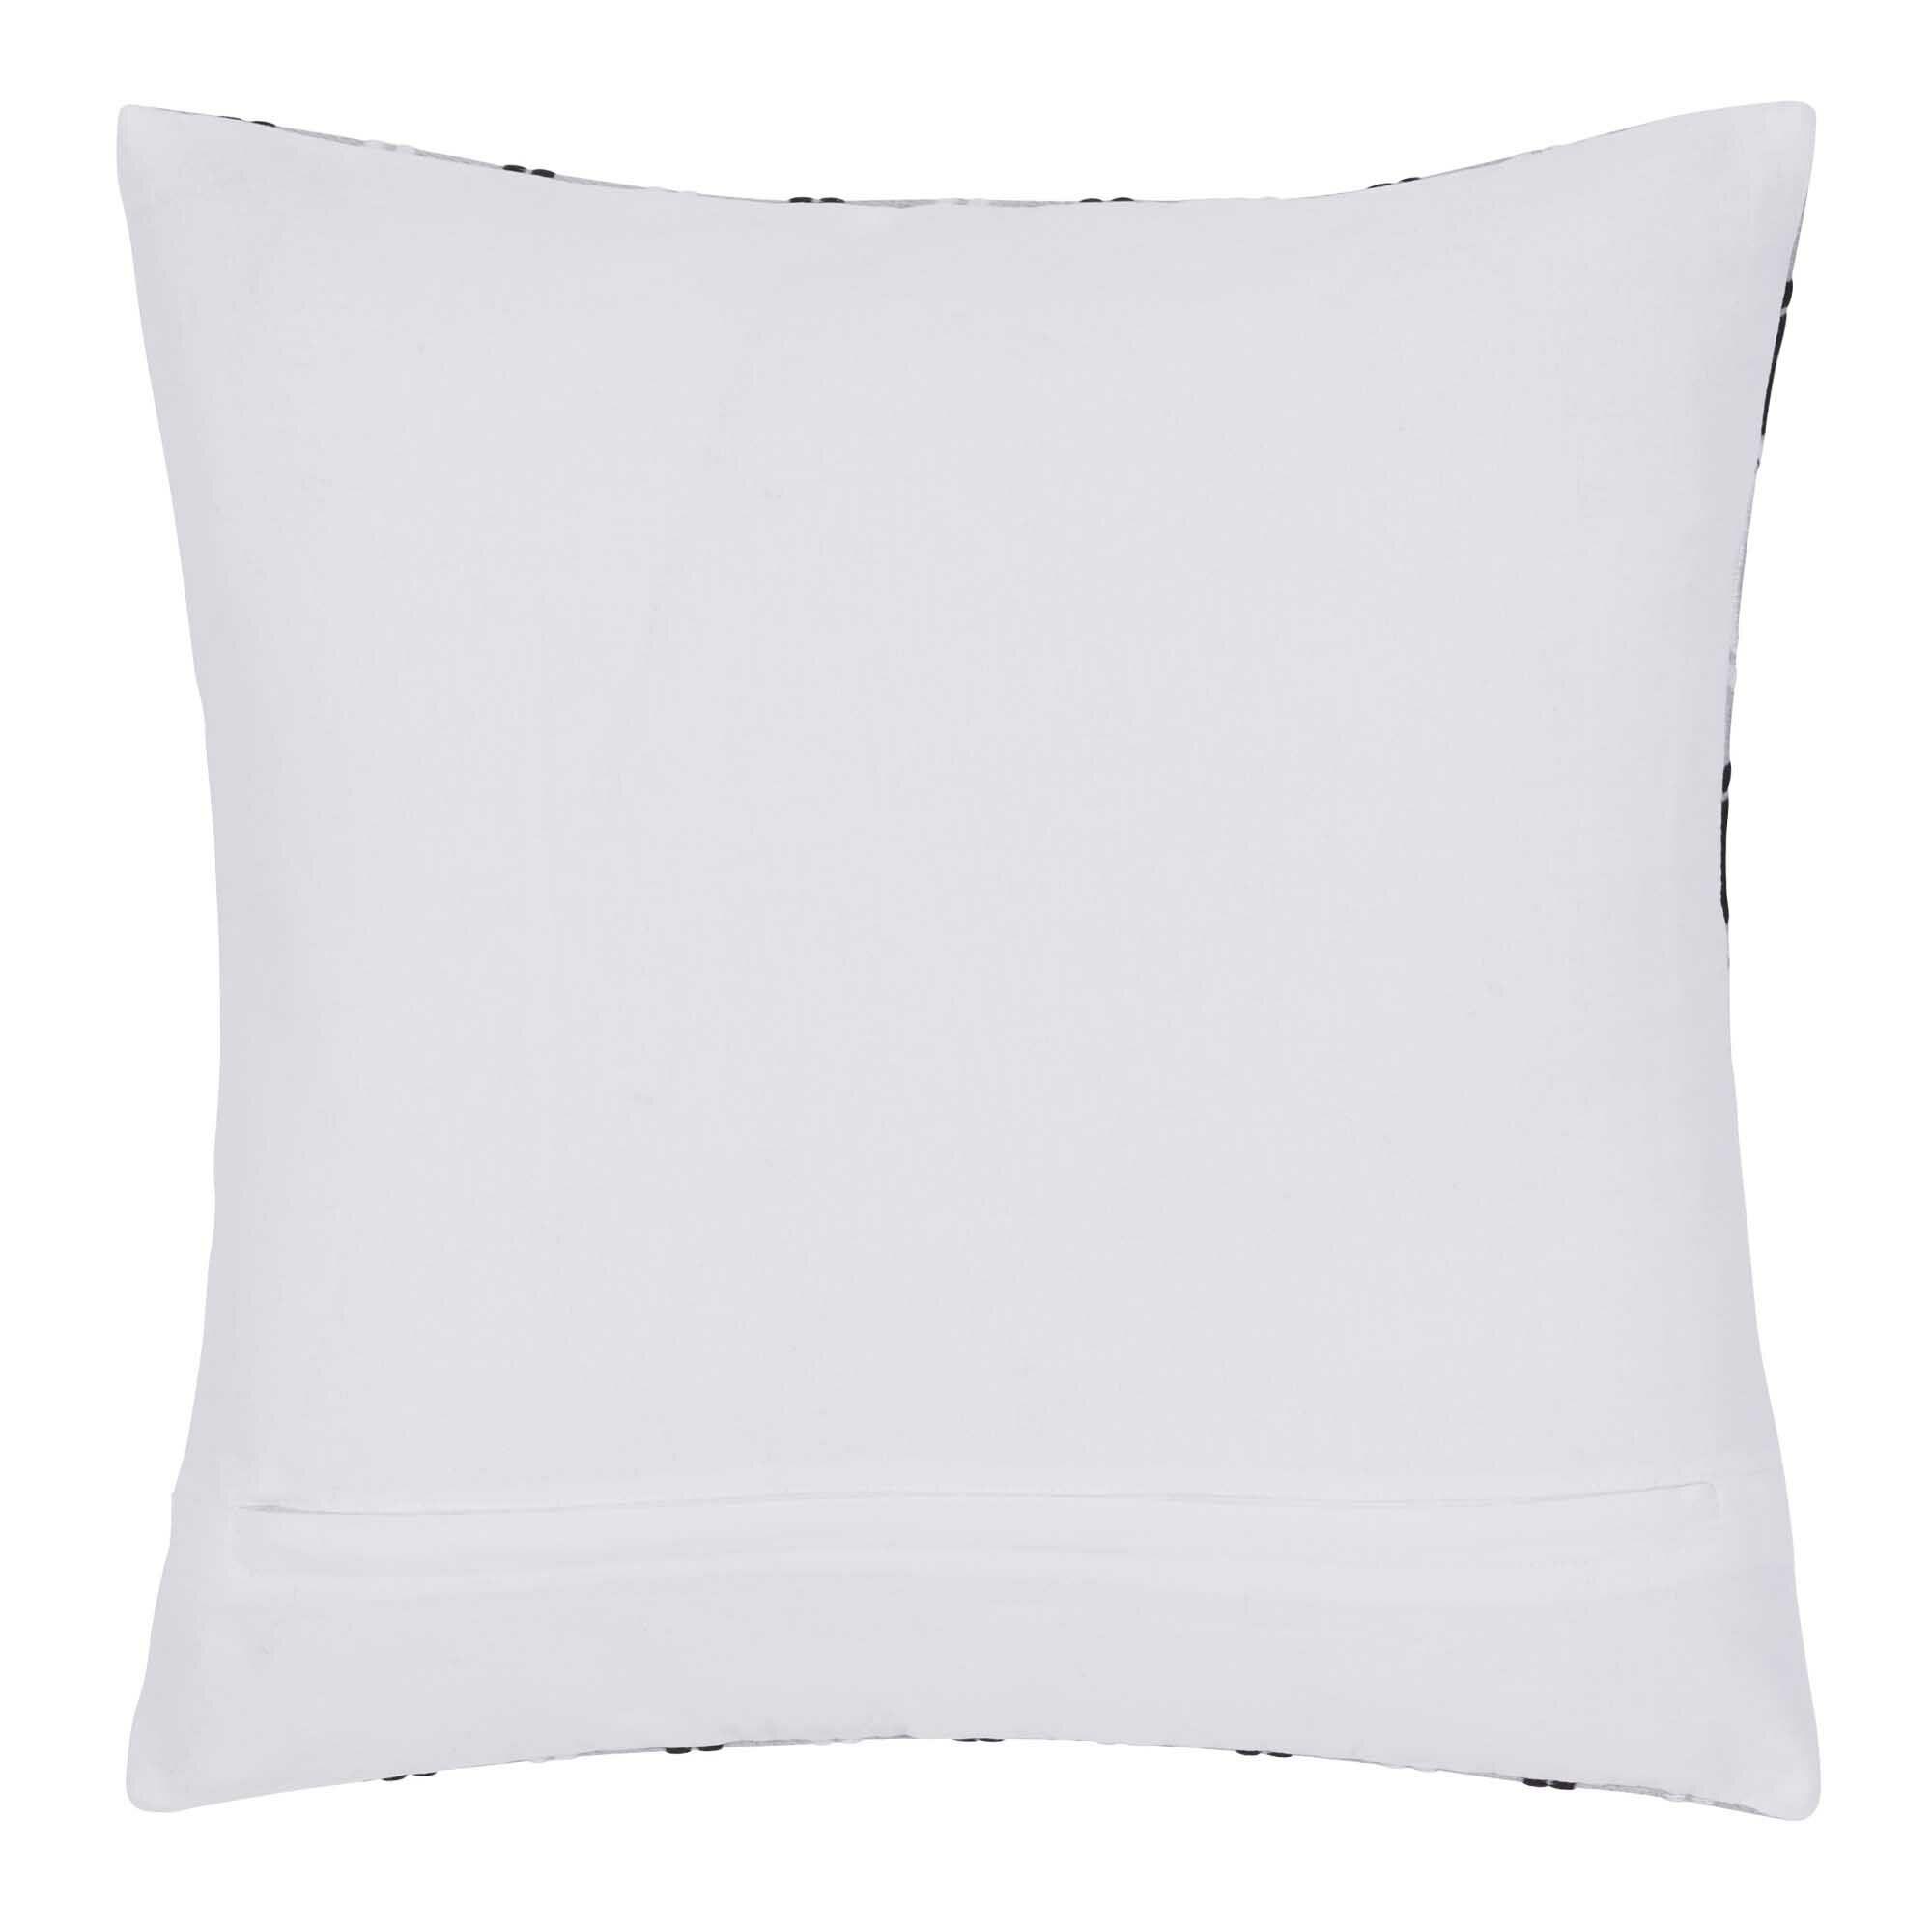 Hexagon Cotton Pillow Cover